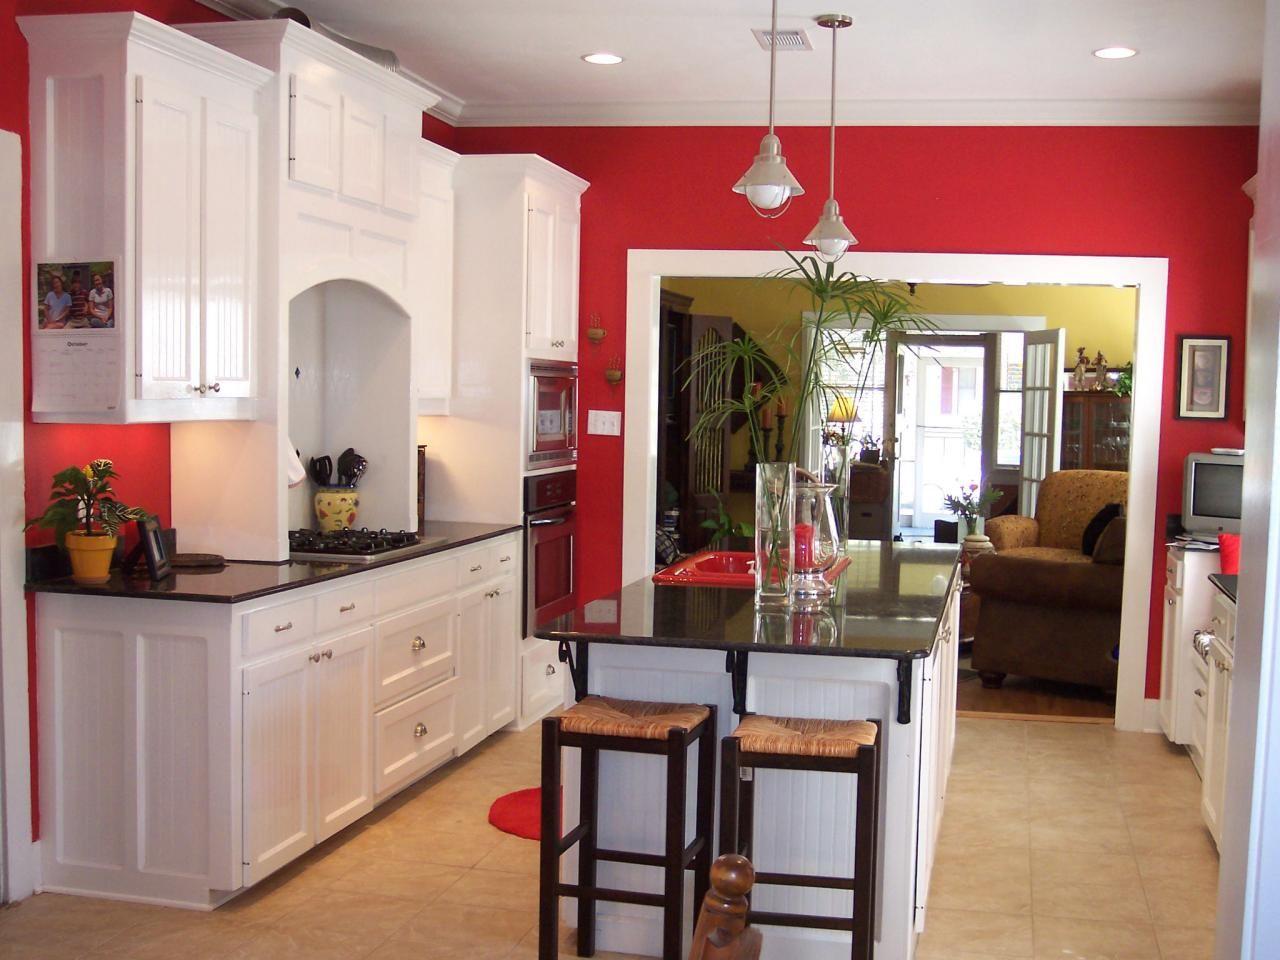 Farbe Farben Für Küchen | Küche | Pinterest | Farbe für küche, Küche ...